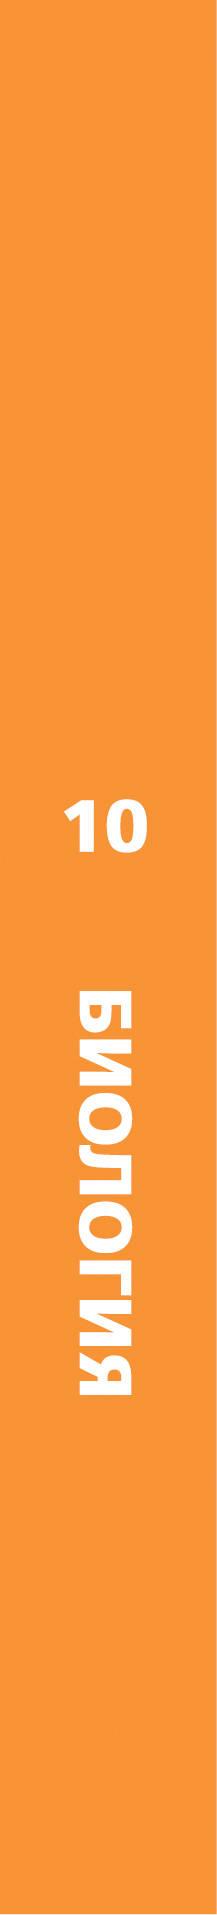 Биология. 10 класс. Углубленный уровень. Учебник. И. Н. Пономарева, О. А. Корнилова, Л. В. Симонова